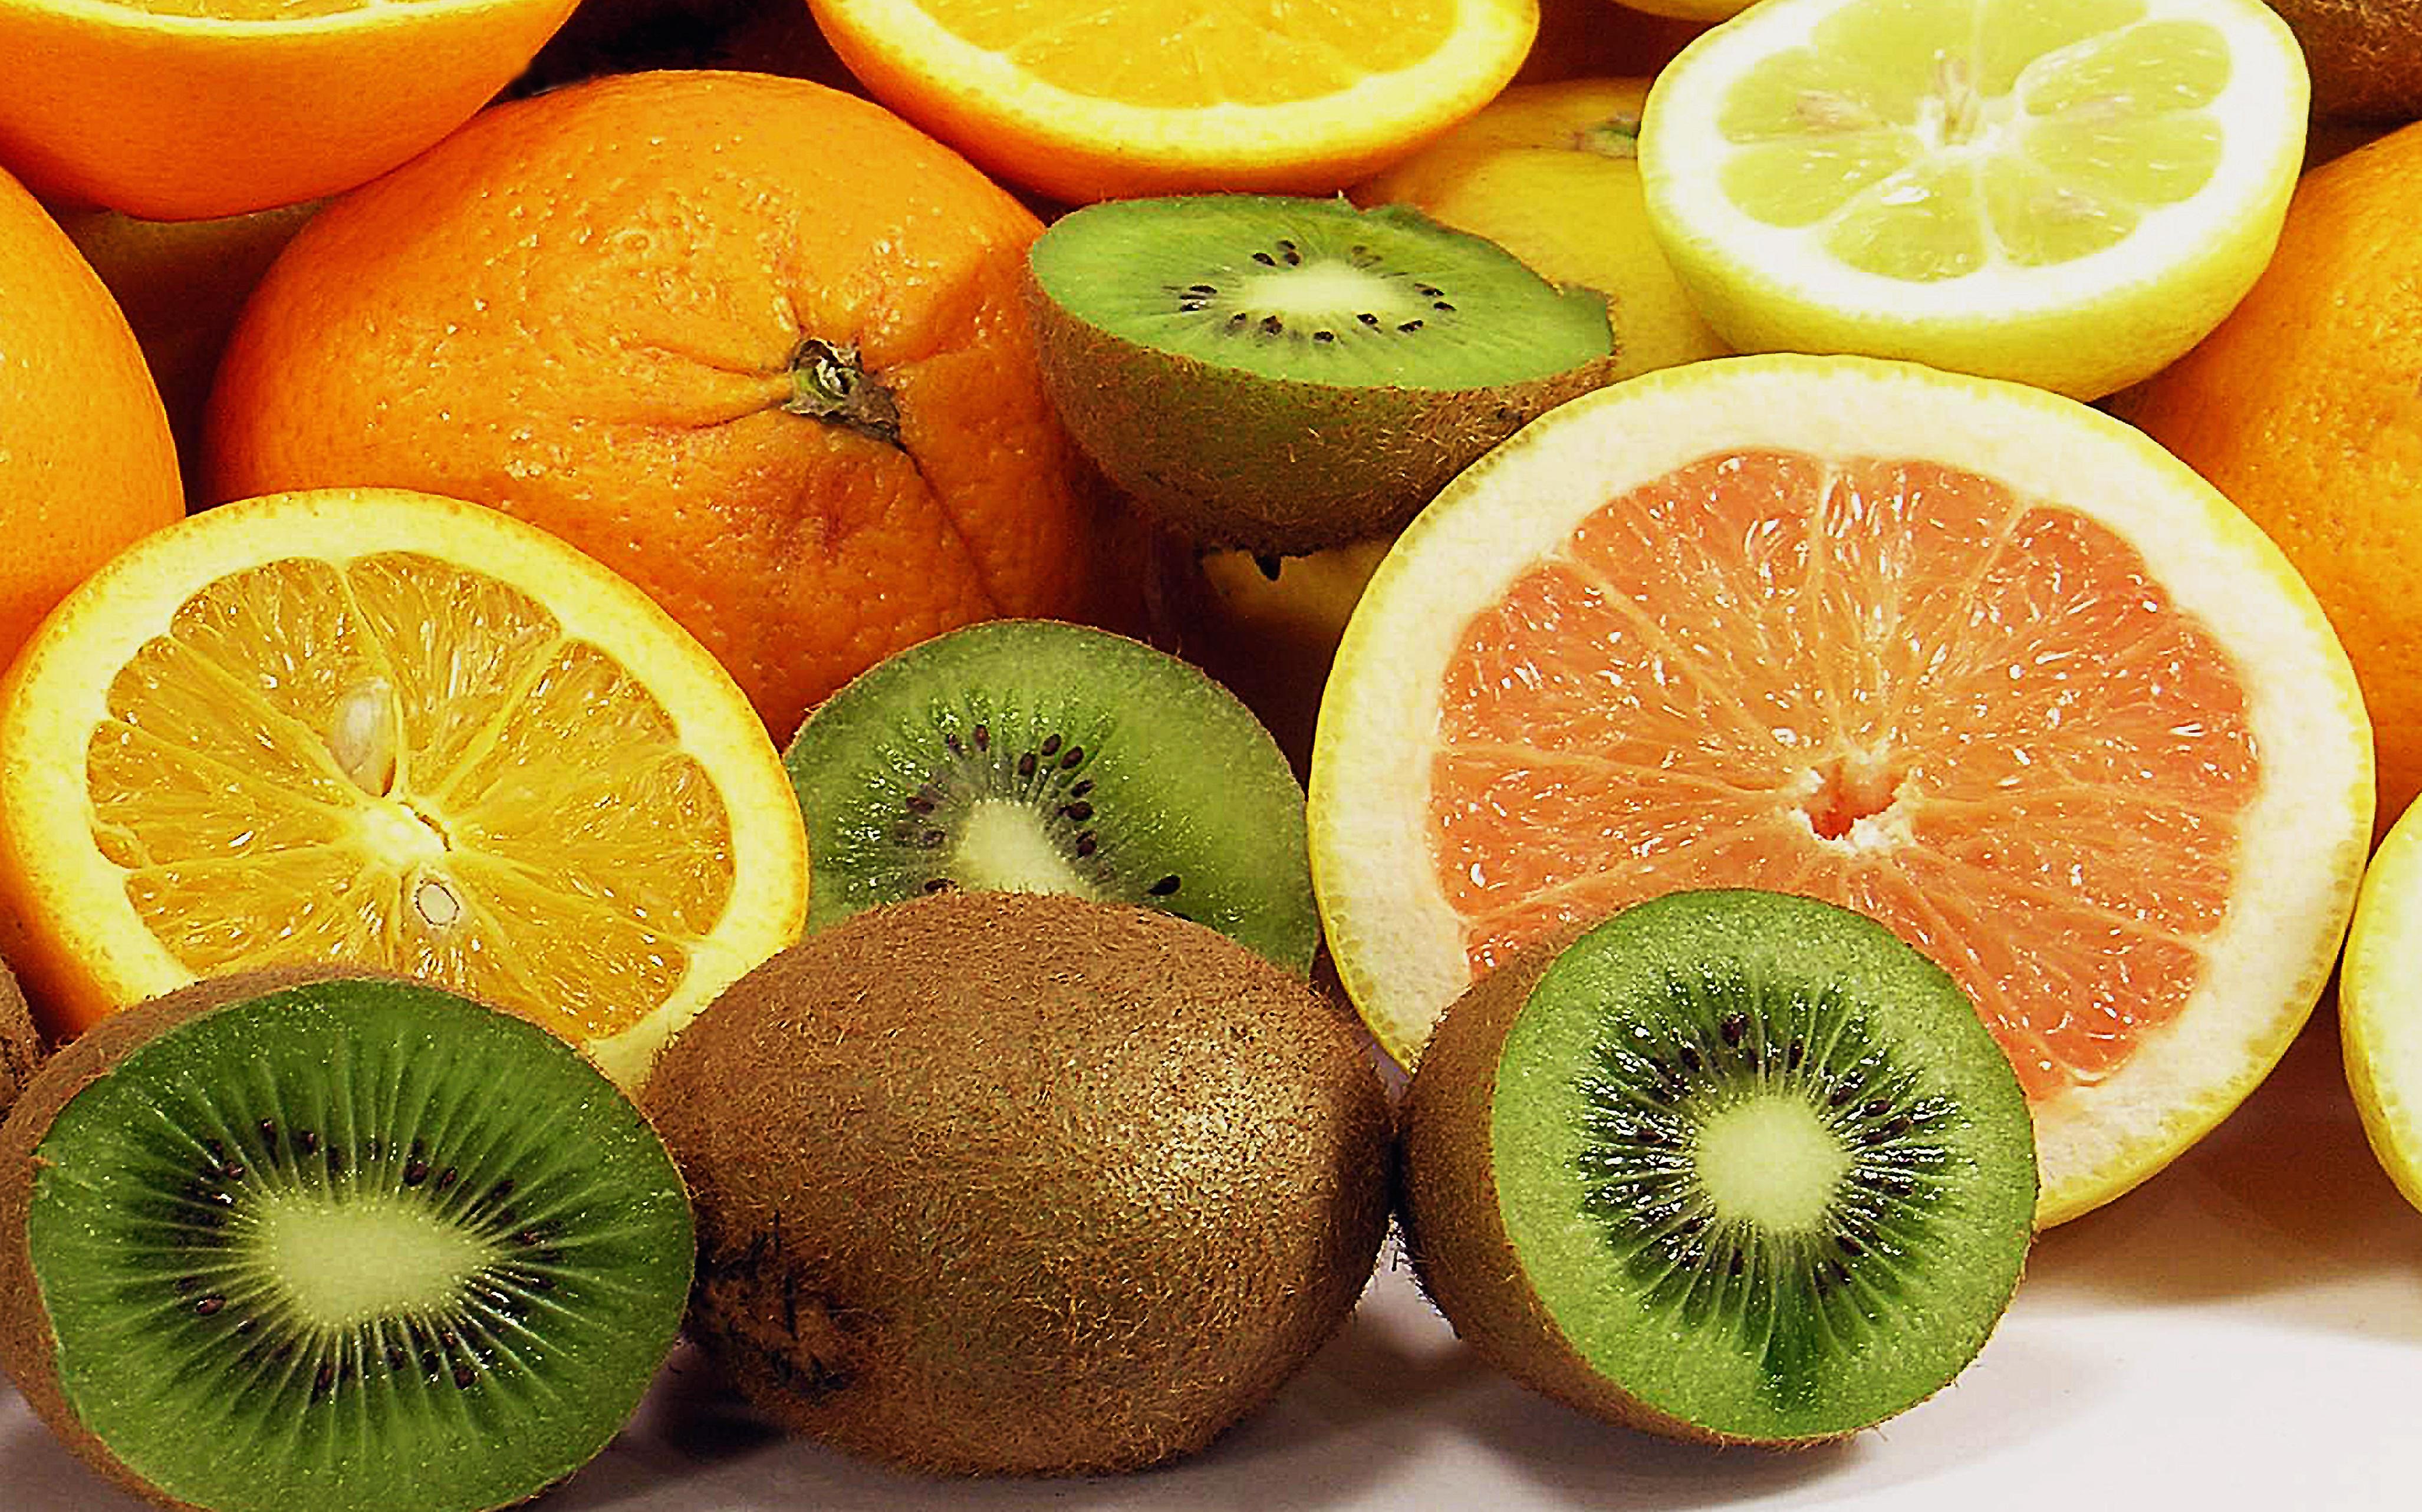 kostenlose foto natur lebensmittel produzieren saft kiwi tropische frucht essen orangen. Black Bedroom Furniture Sets. Home Design Ideas